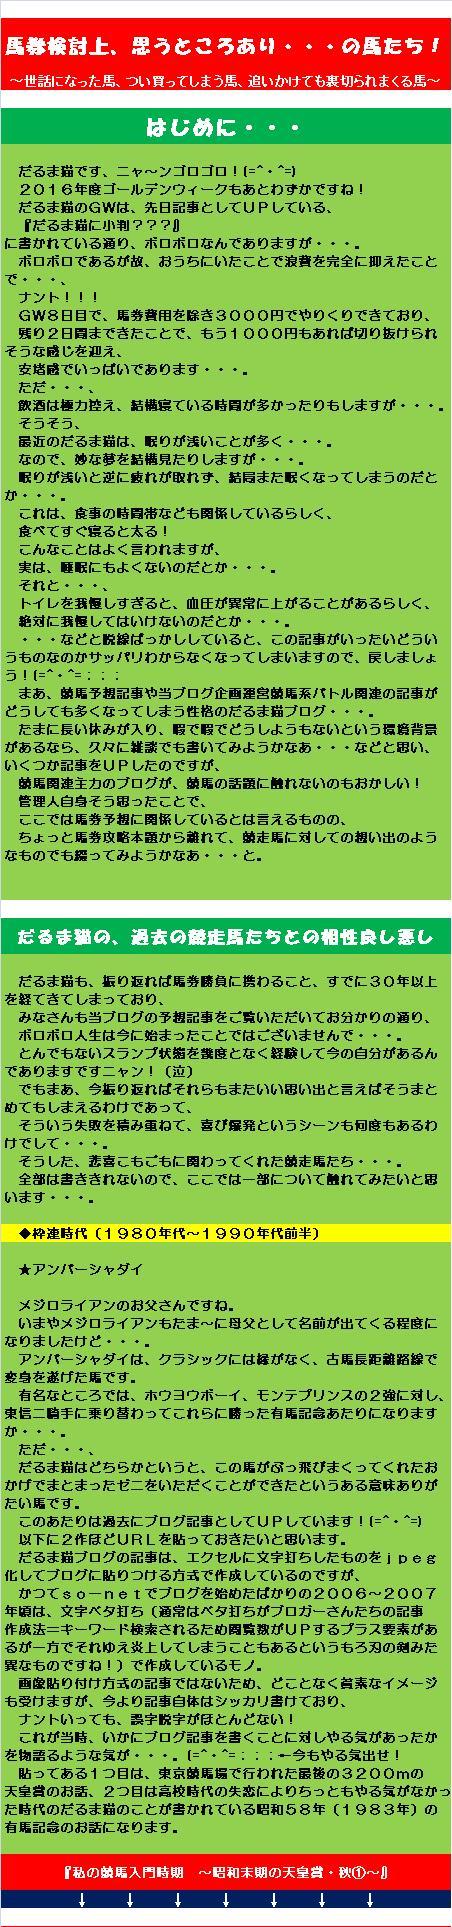 20160507・ブログ記事-1.jpg